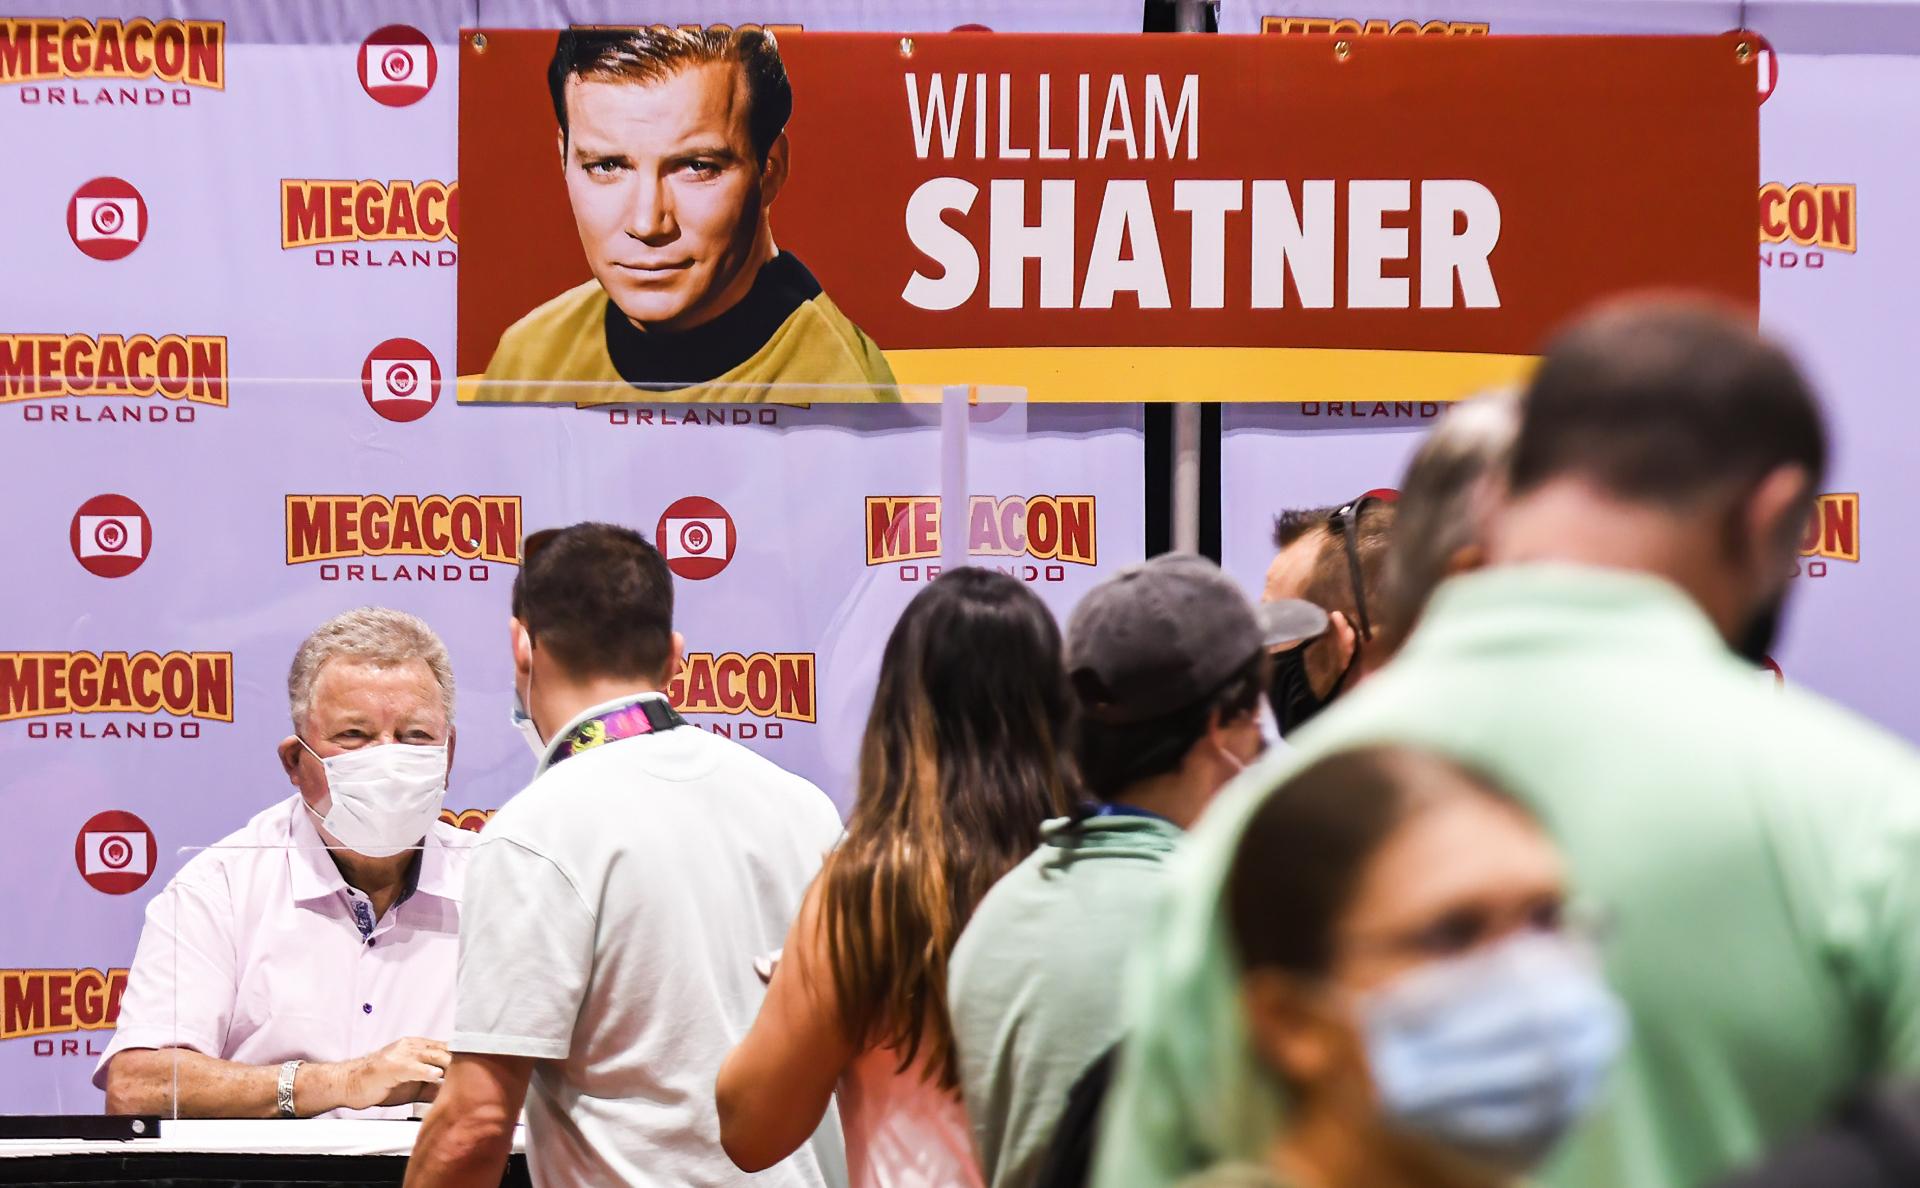 Уильям Шатнер раздает фанатам автографы